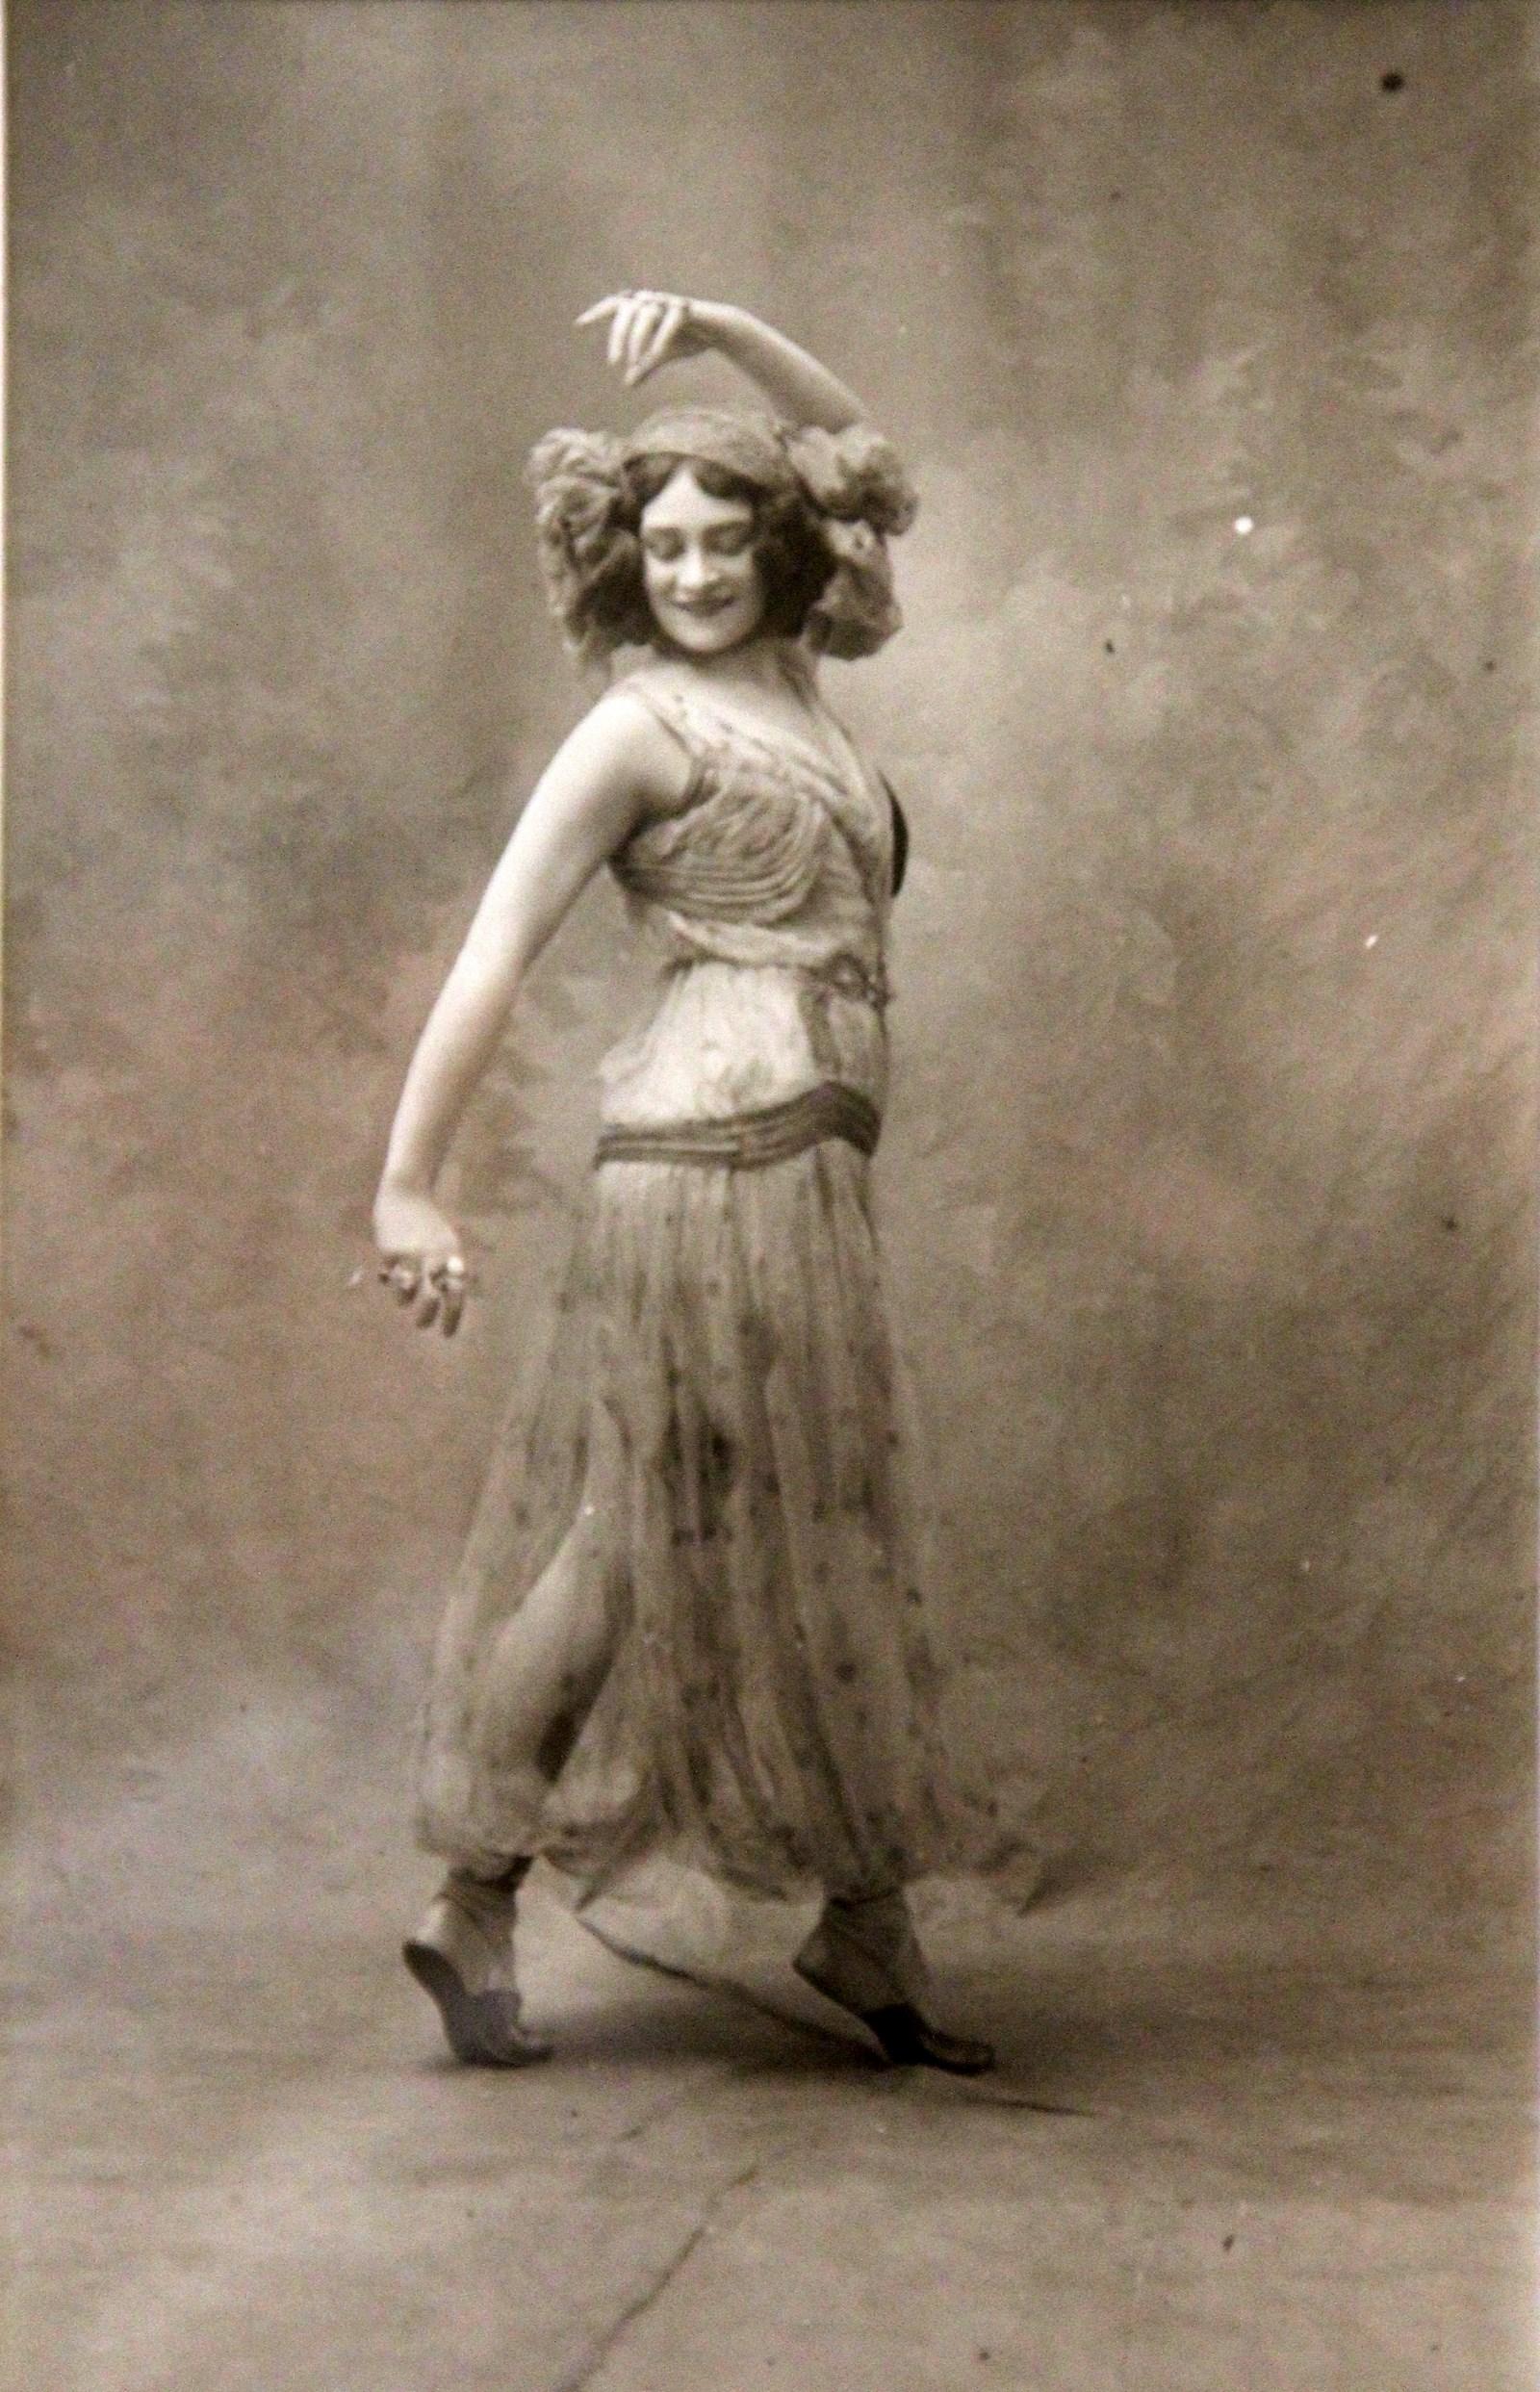 �.�. ������ � �������. ����� ����������� ����������� �����, ���������. 1914 ����������, ���������� �����-�����. �����-������������� ��������������� ����� ������������ � ������������ ��������� �������� �������: aldusku.livejournal.com